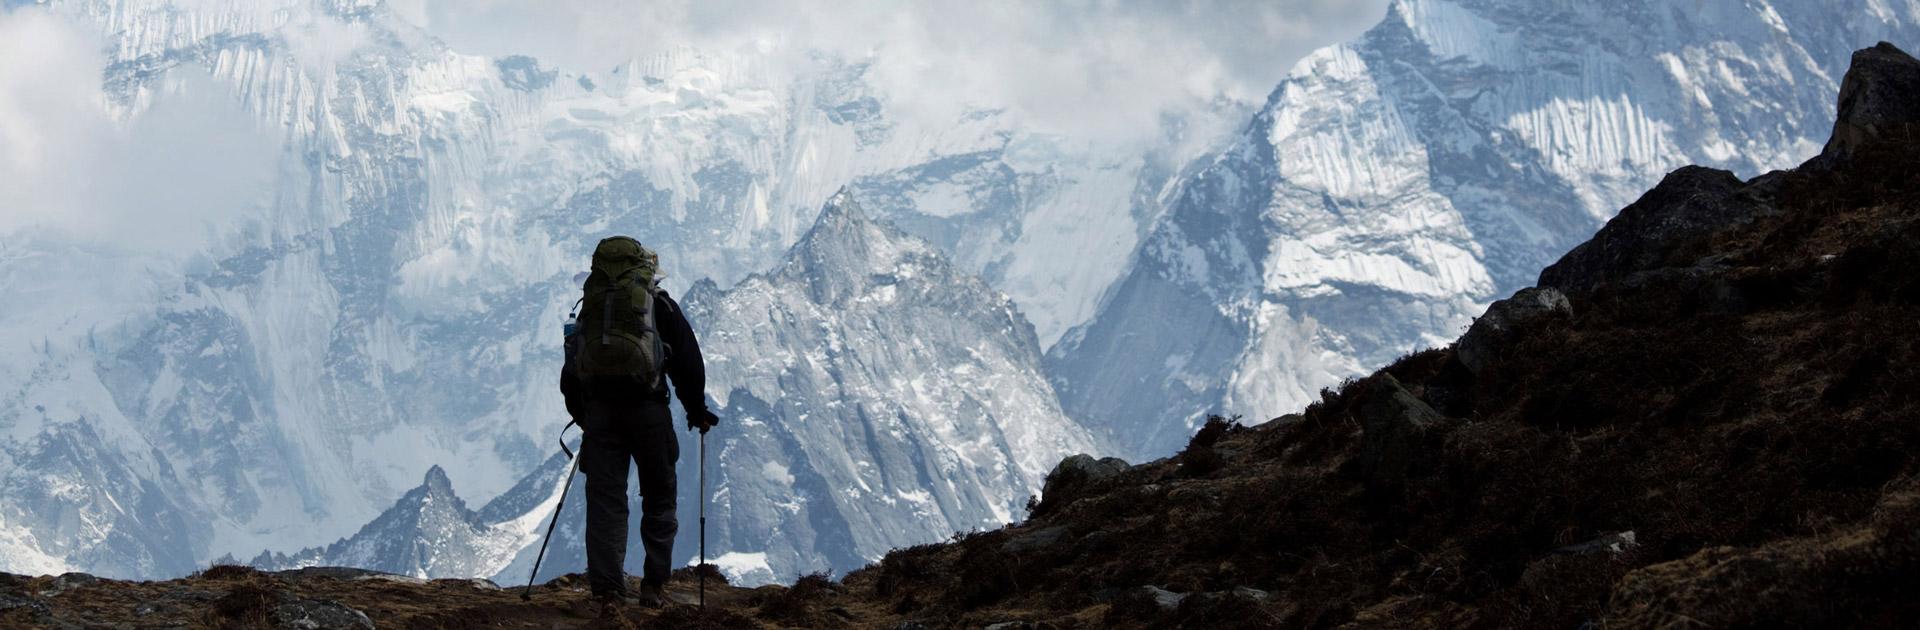 NP Nepal Cultural y Trekking 10 días 1